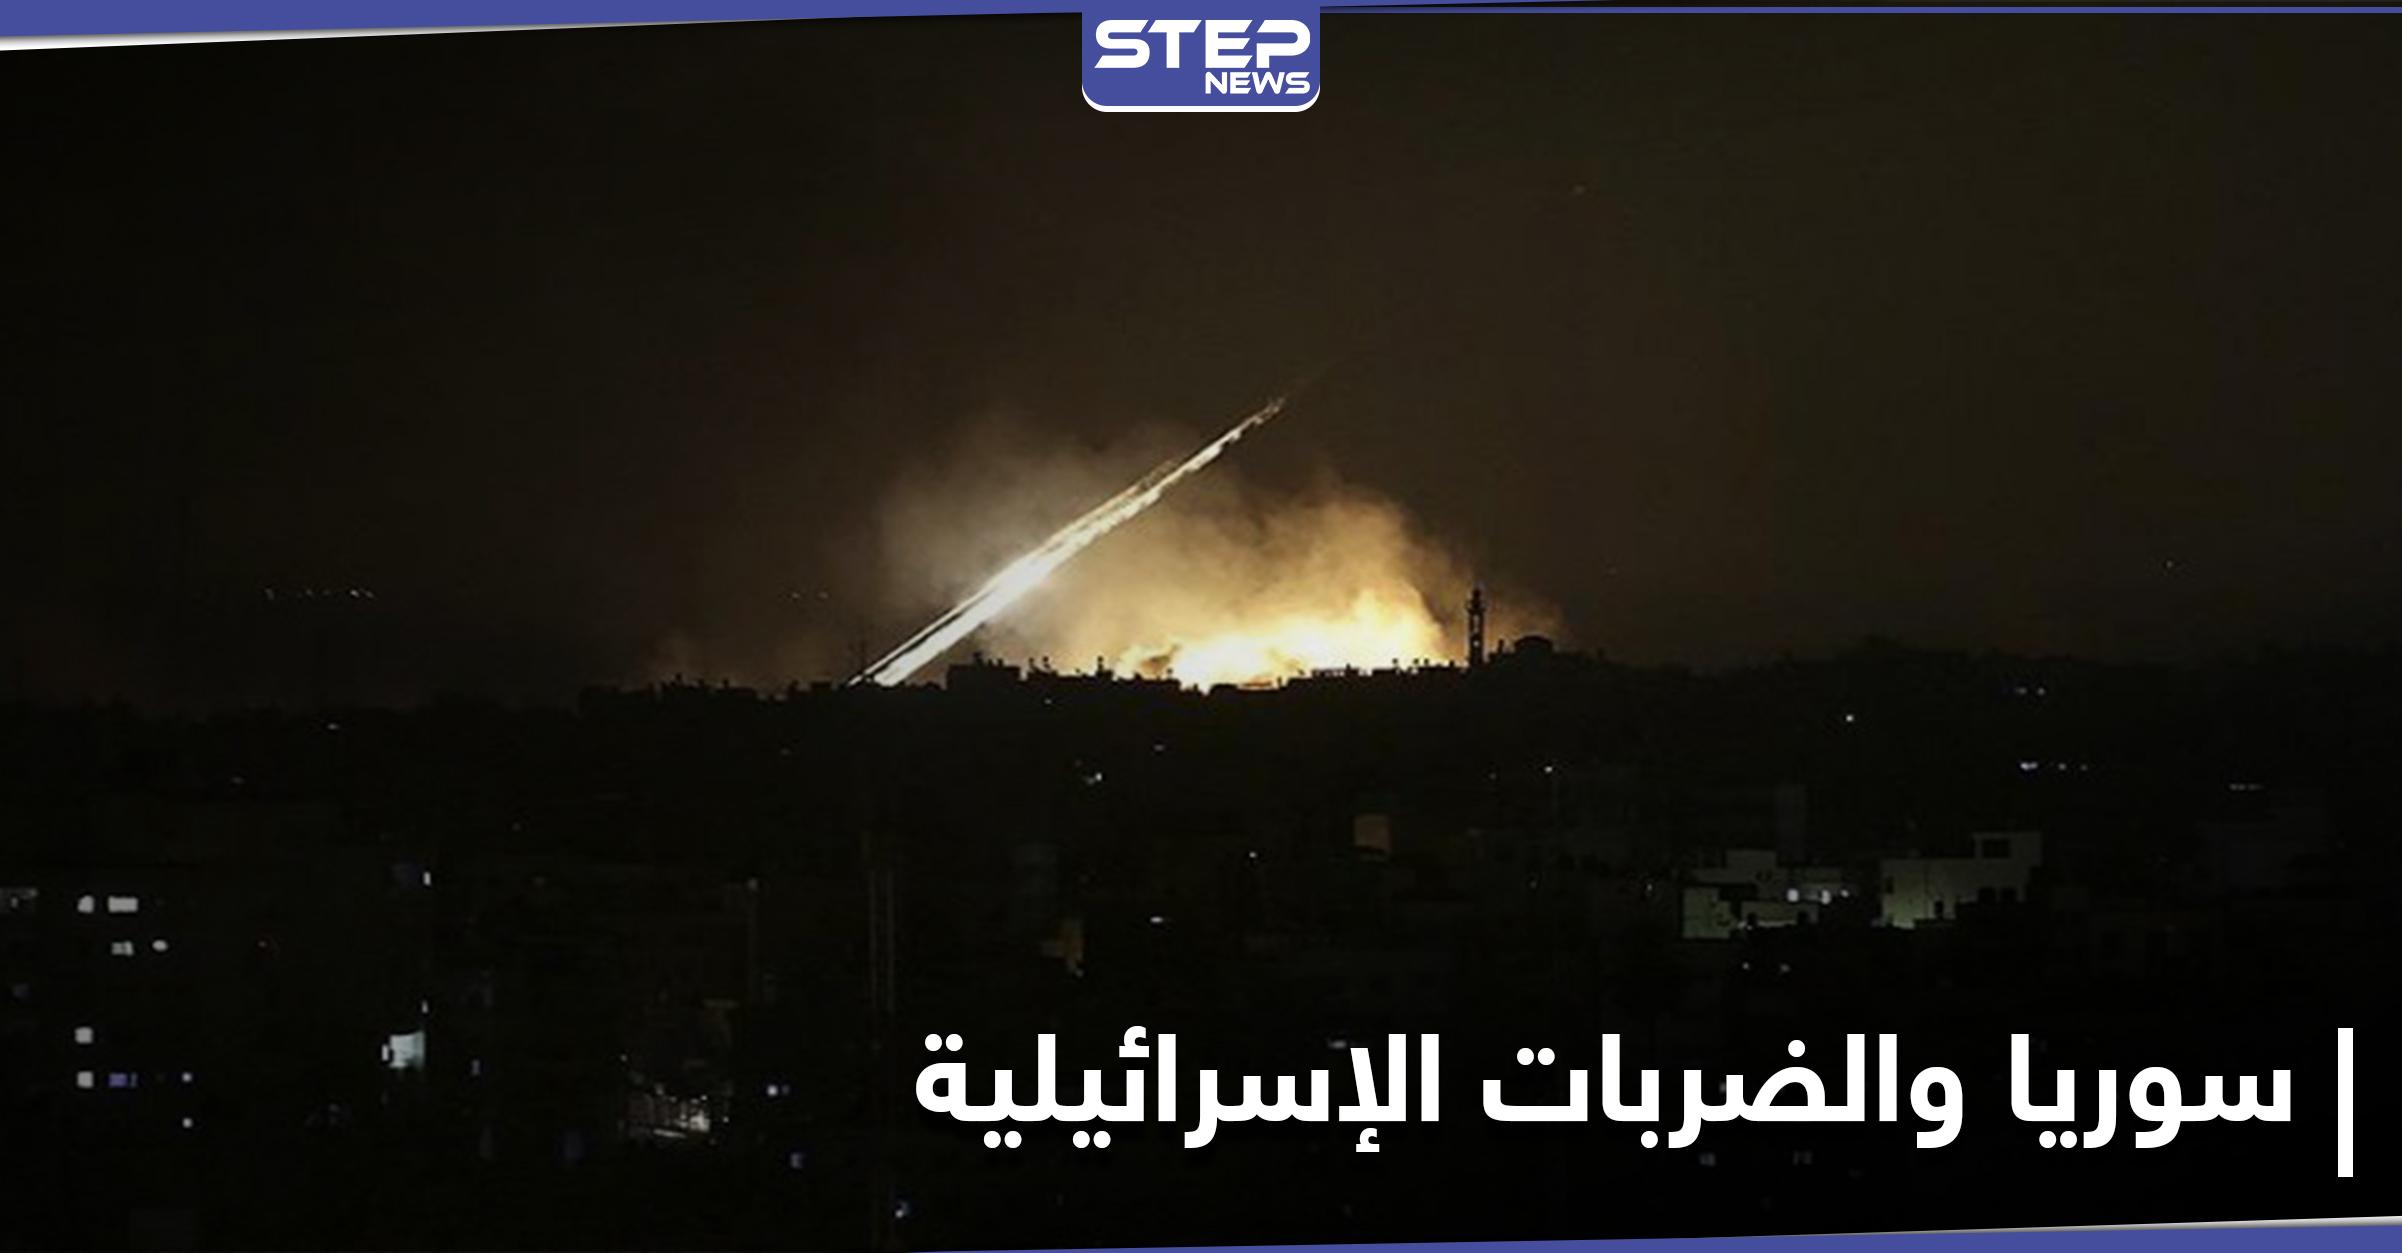 صحيفة روسية تكشف موقف موسكو الغريب من الضربات الإسرائيلية الأخيرة في سوريا